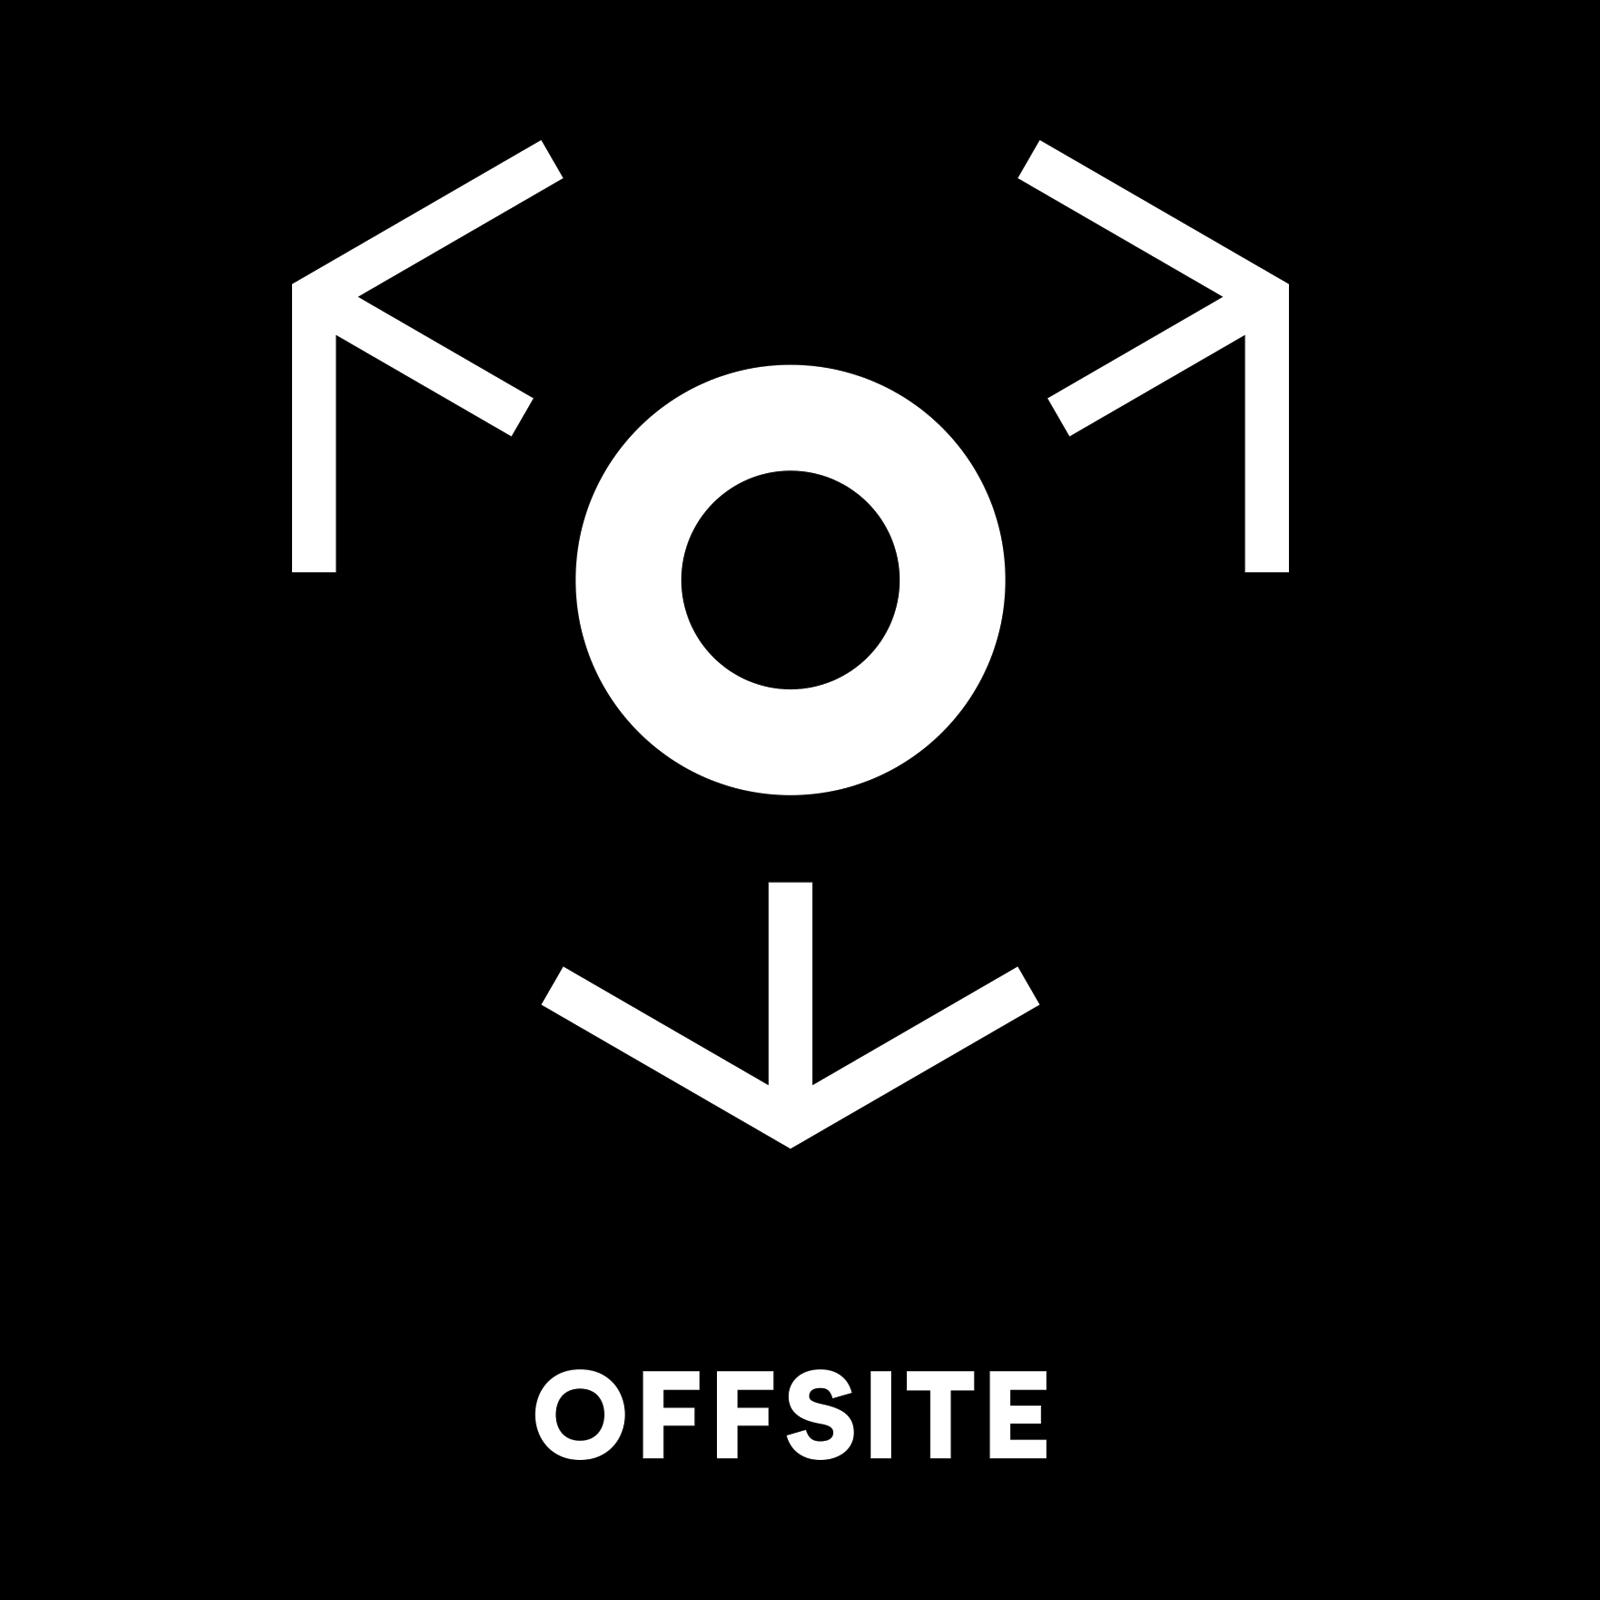 offsite